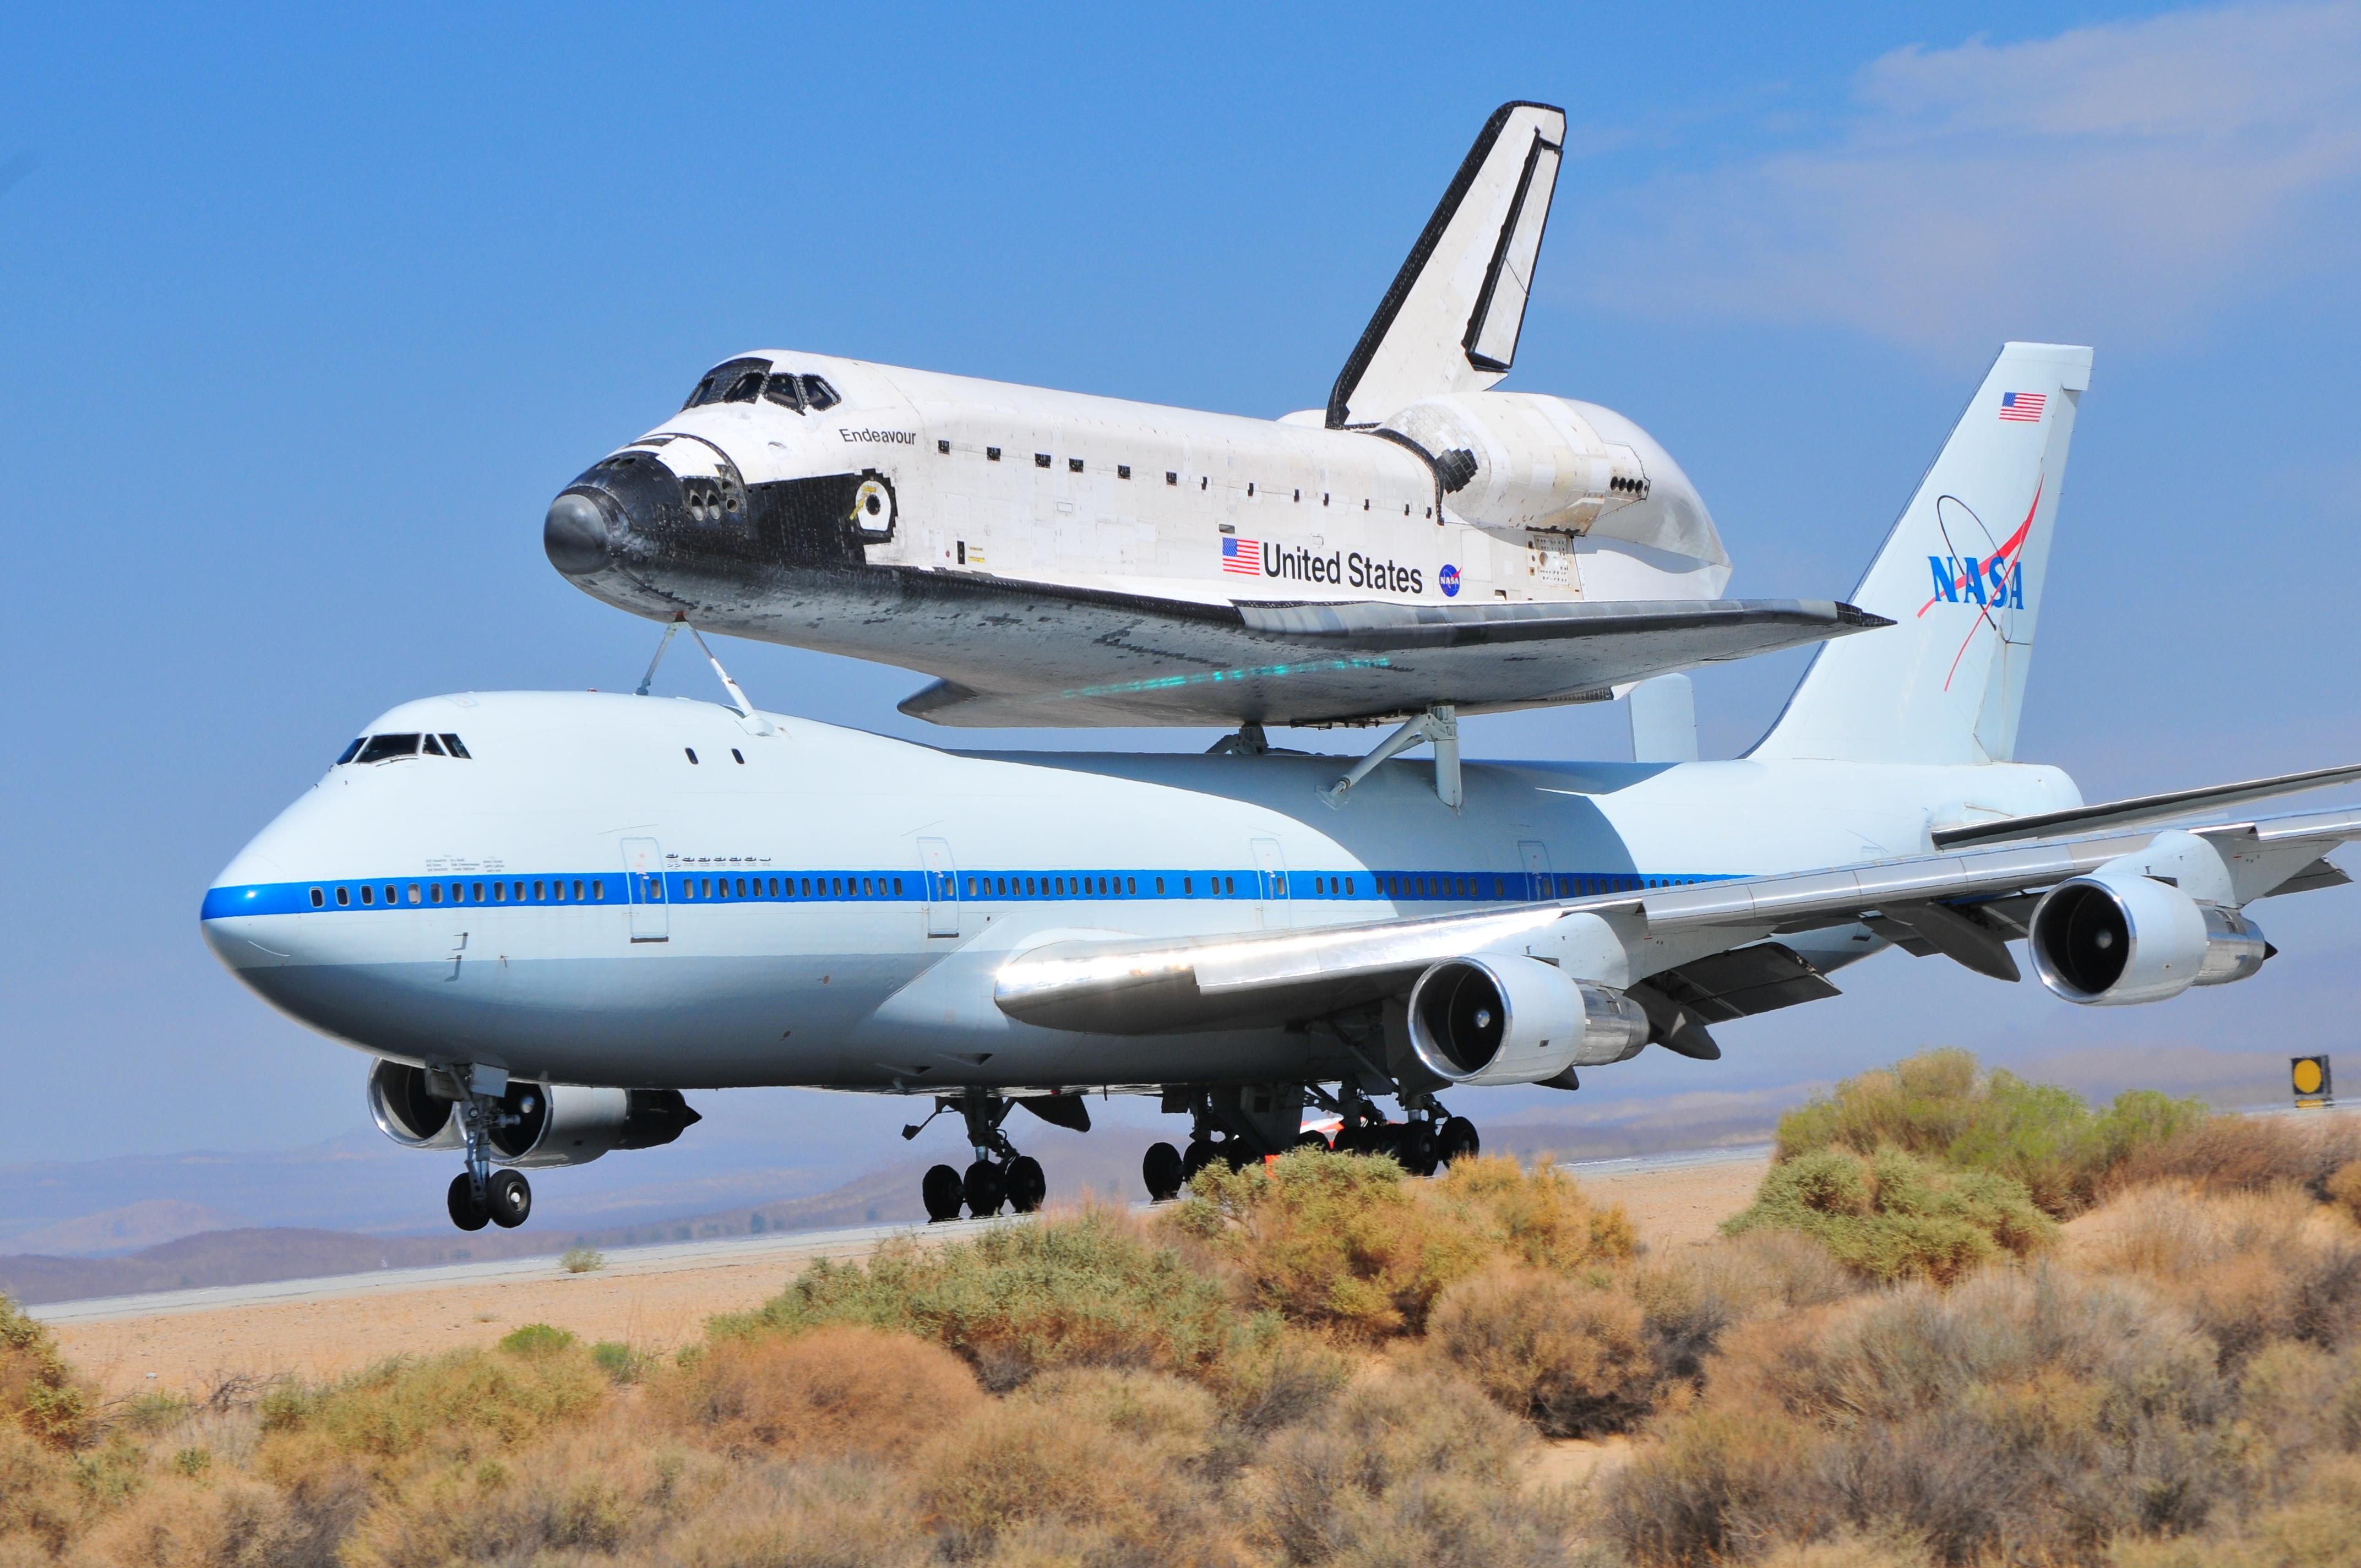 endeavor04.jpg - Space Shuttle Endeavor